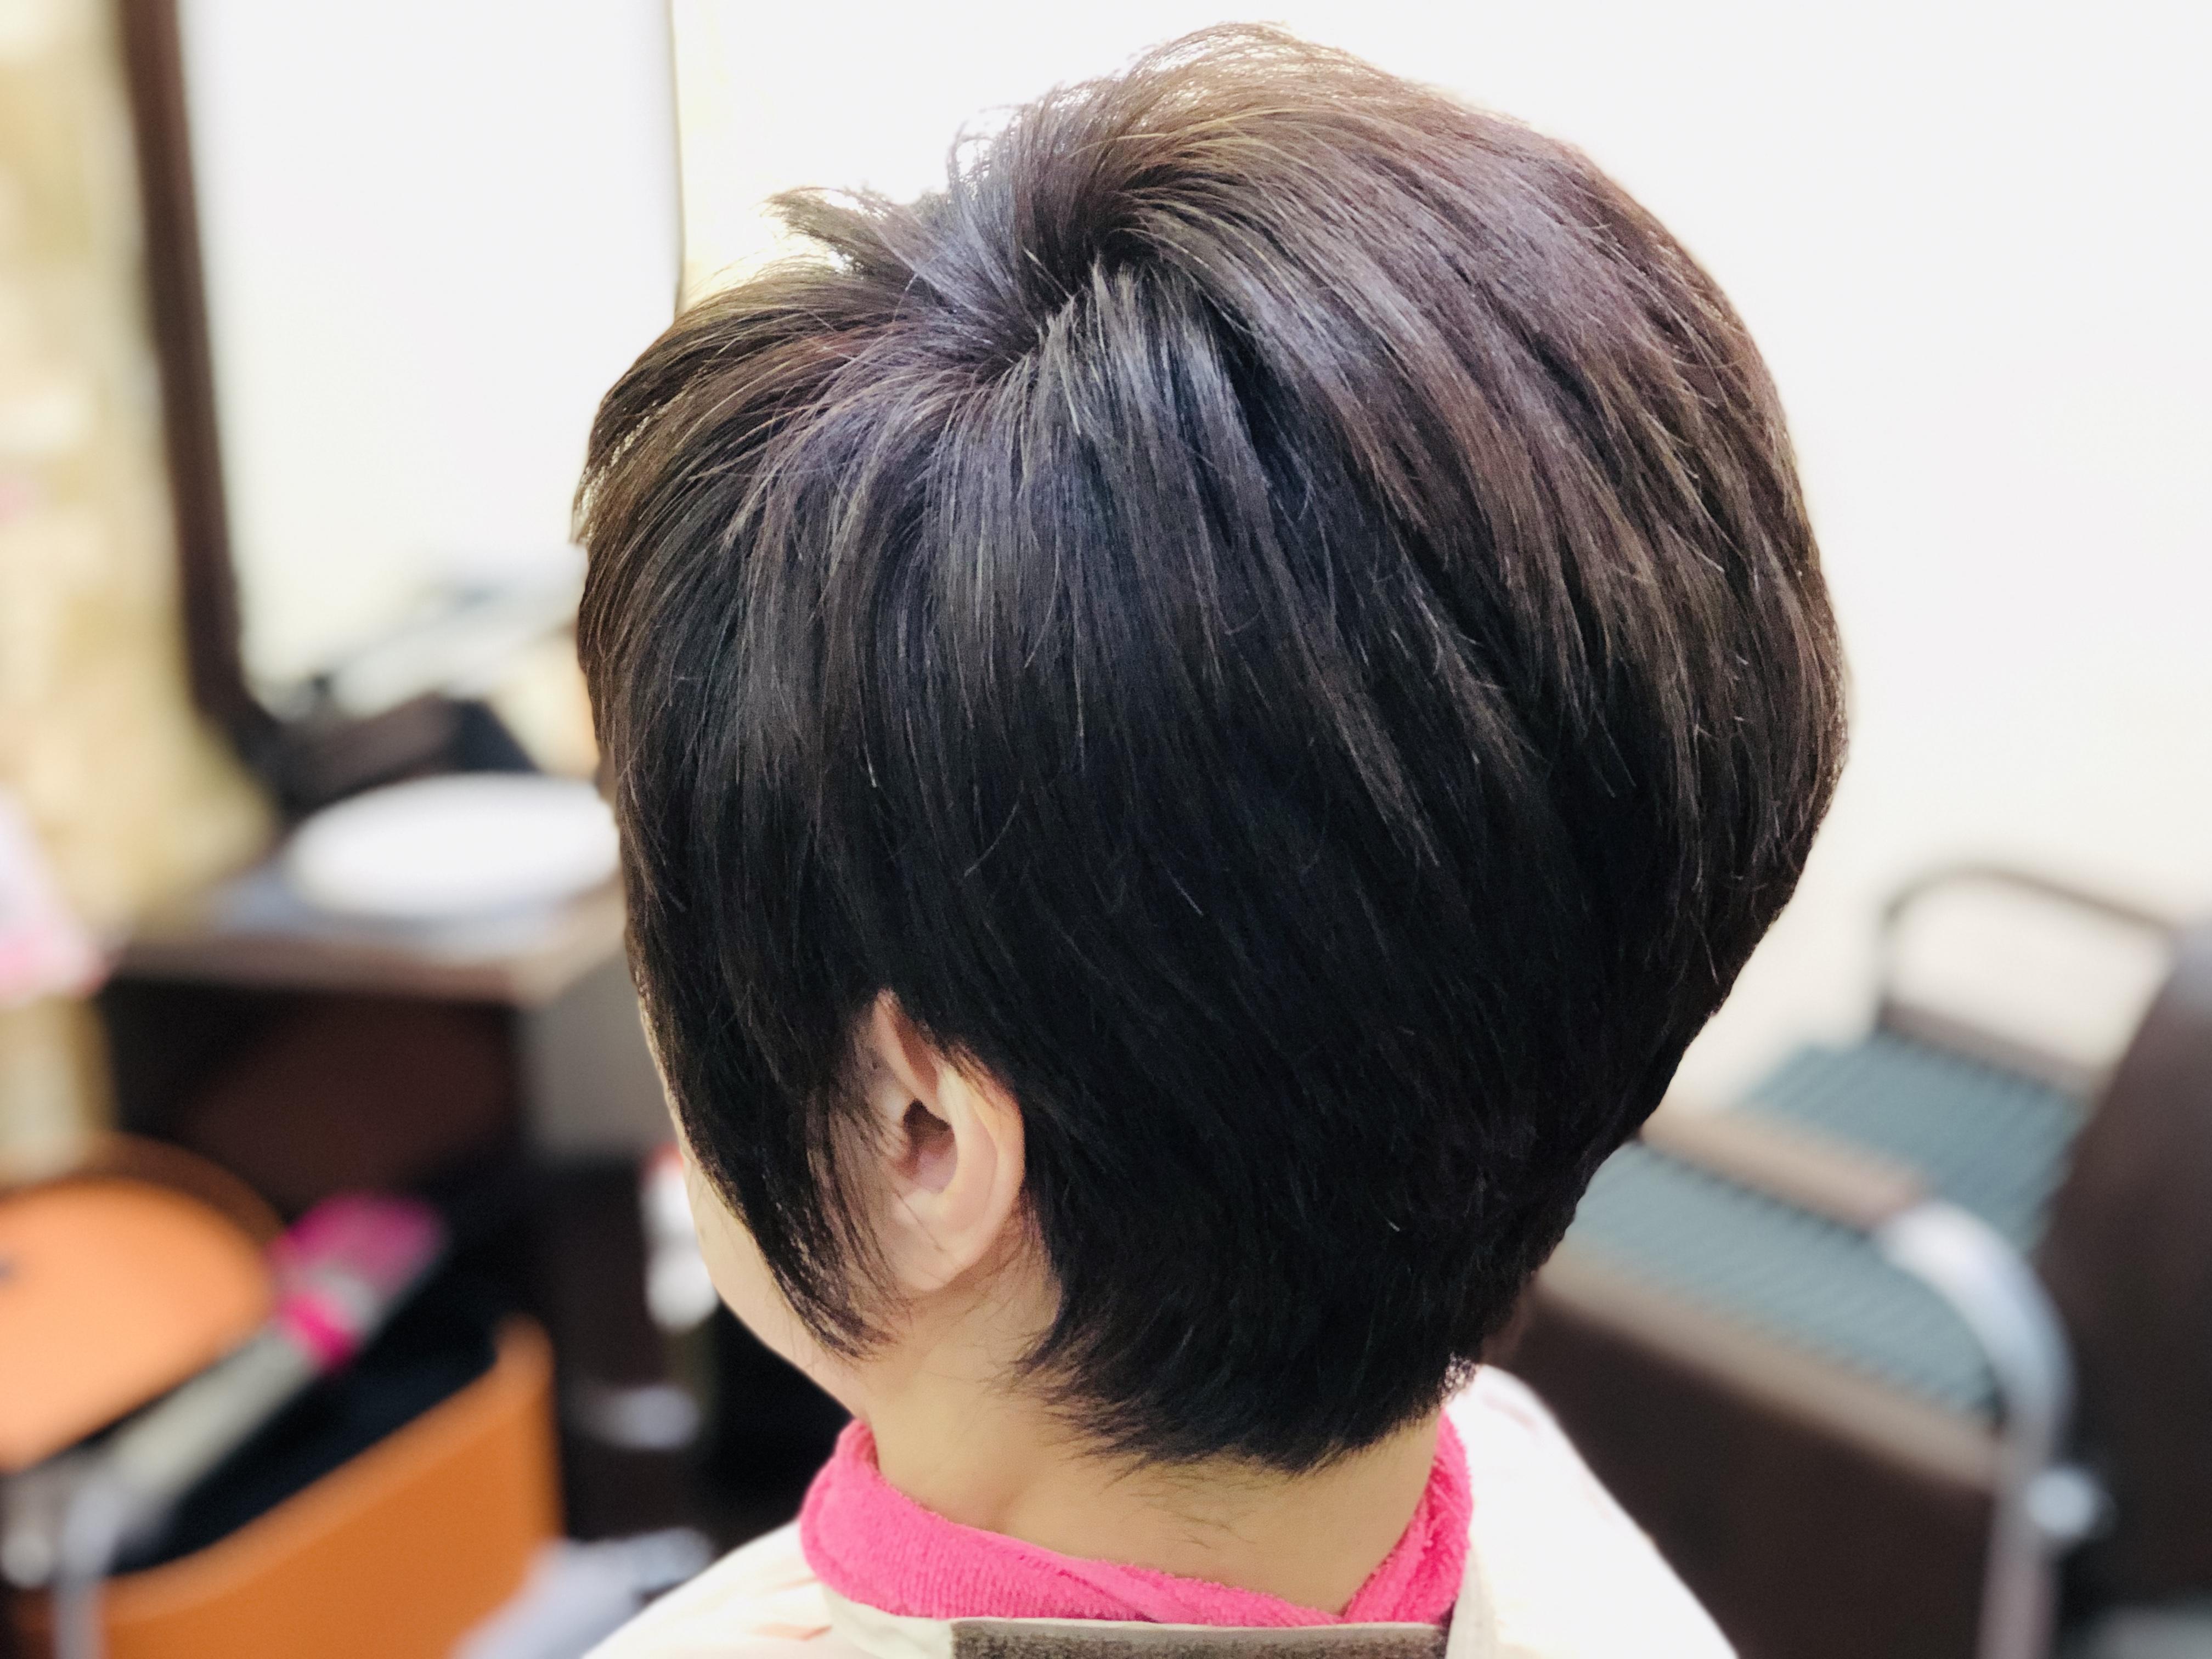 くせ毛で多い髪、雨が近づくと癖が広がり頭が大きくなるのが悩み。